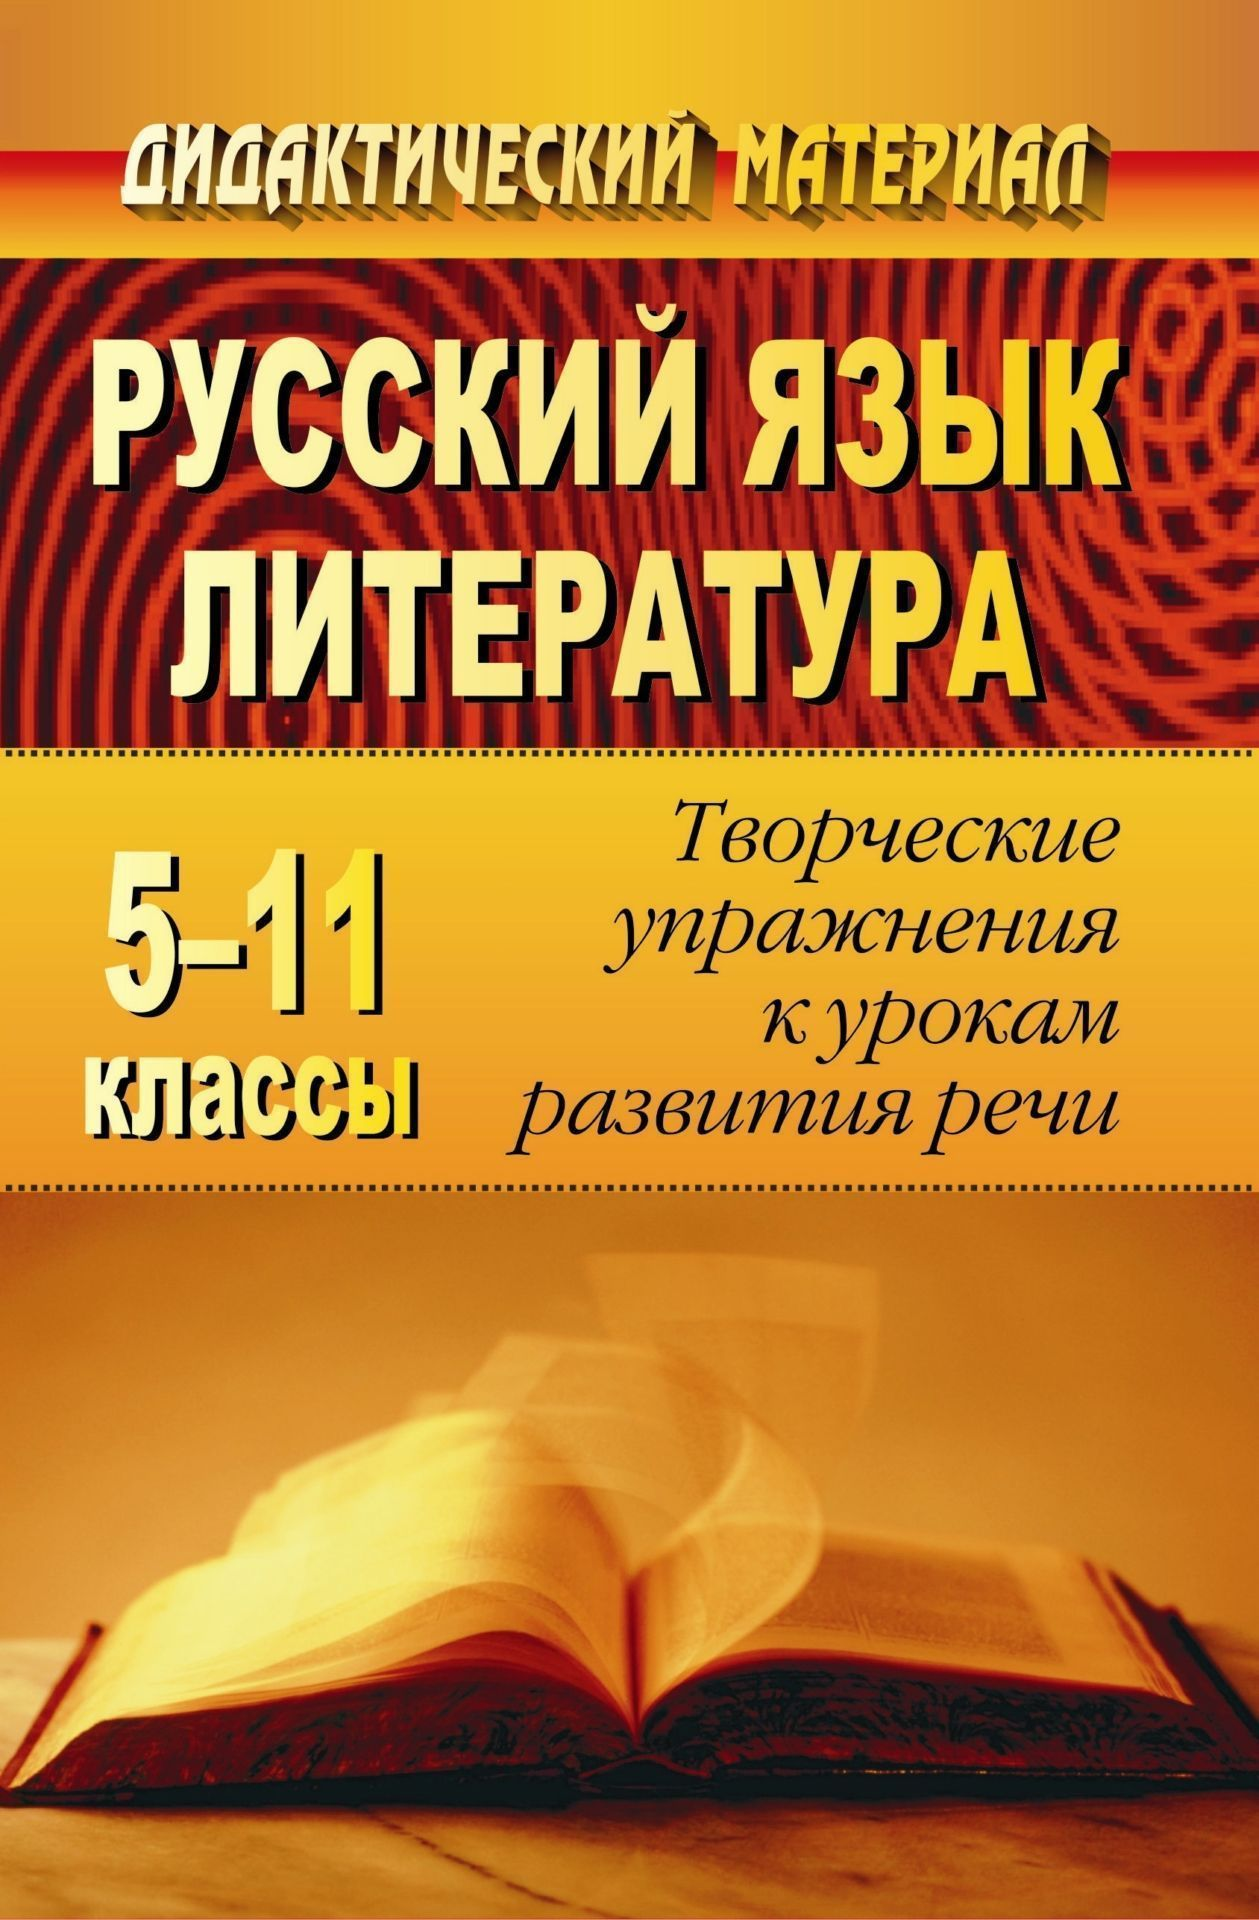 Русский язык и литература. 5-11 классы: творческие упражнения к урокам развития речиПредметы<br>В пособии представлены творческие упражнения к урокам развития речи по русскому языку и литературе, объединенные в тематические группы в соответствии с программой развития речи в 5-8 классах и программой по литературе в 9-11 классах. Упражнения можно испо...<br><br>Авторы: Хорт О. А., Шамшина Г. С.<br>Год: 2008<br>Серия: Дидактический материал<br>ISBN: 978-5-7057-1314-1<br>Высота: 213<br>Ширина: 138<br>Толщина: 6